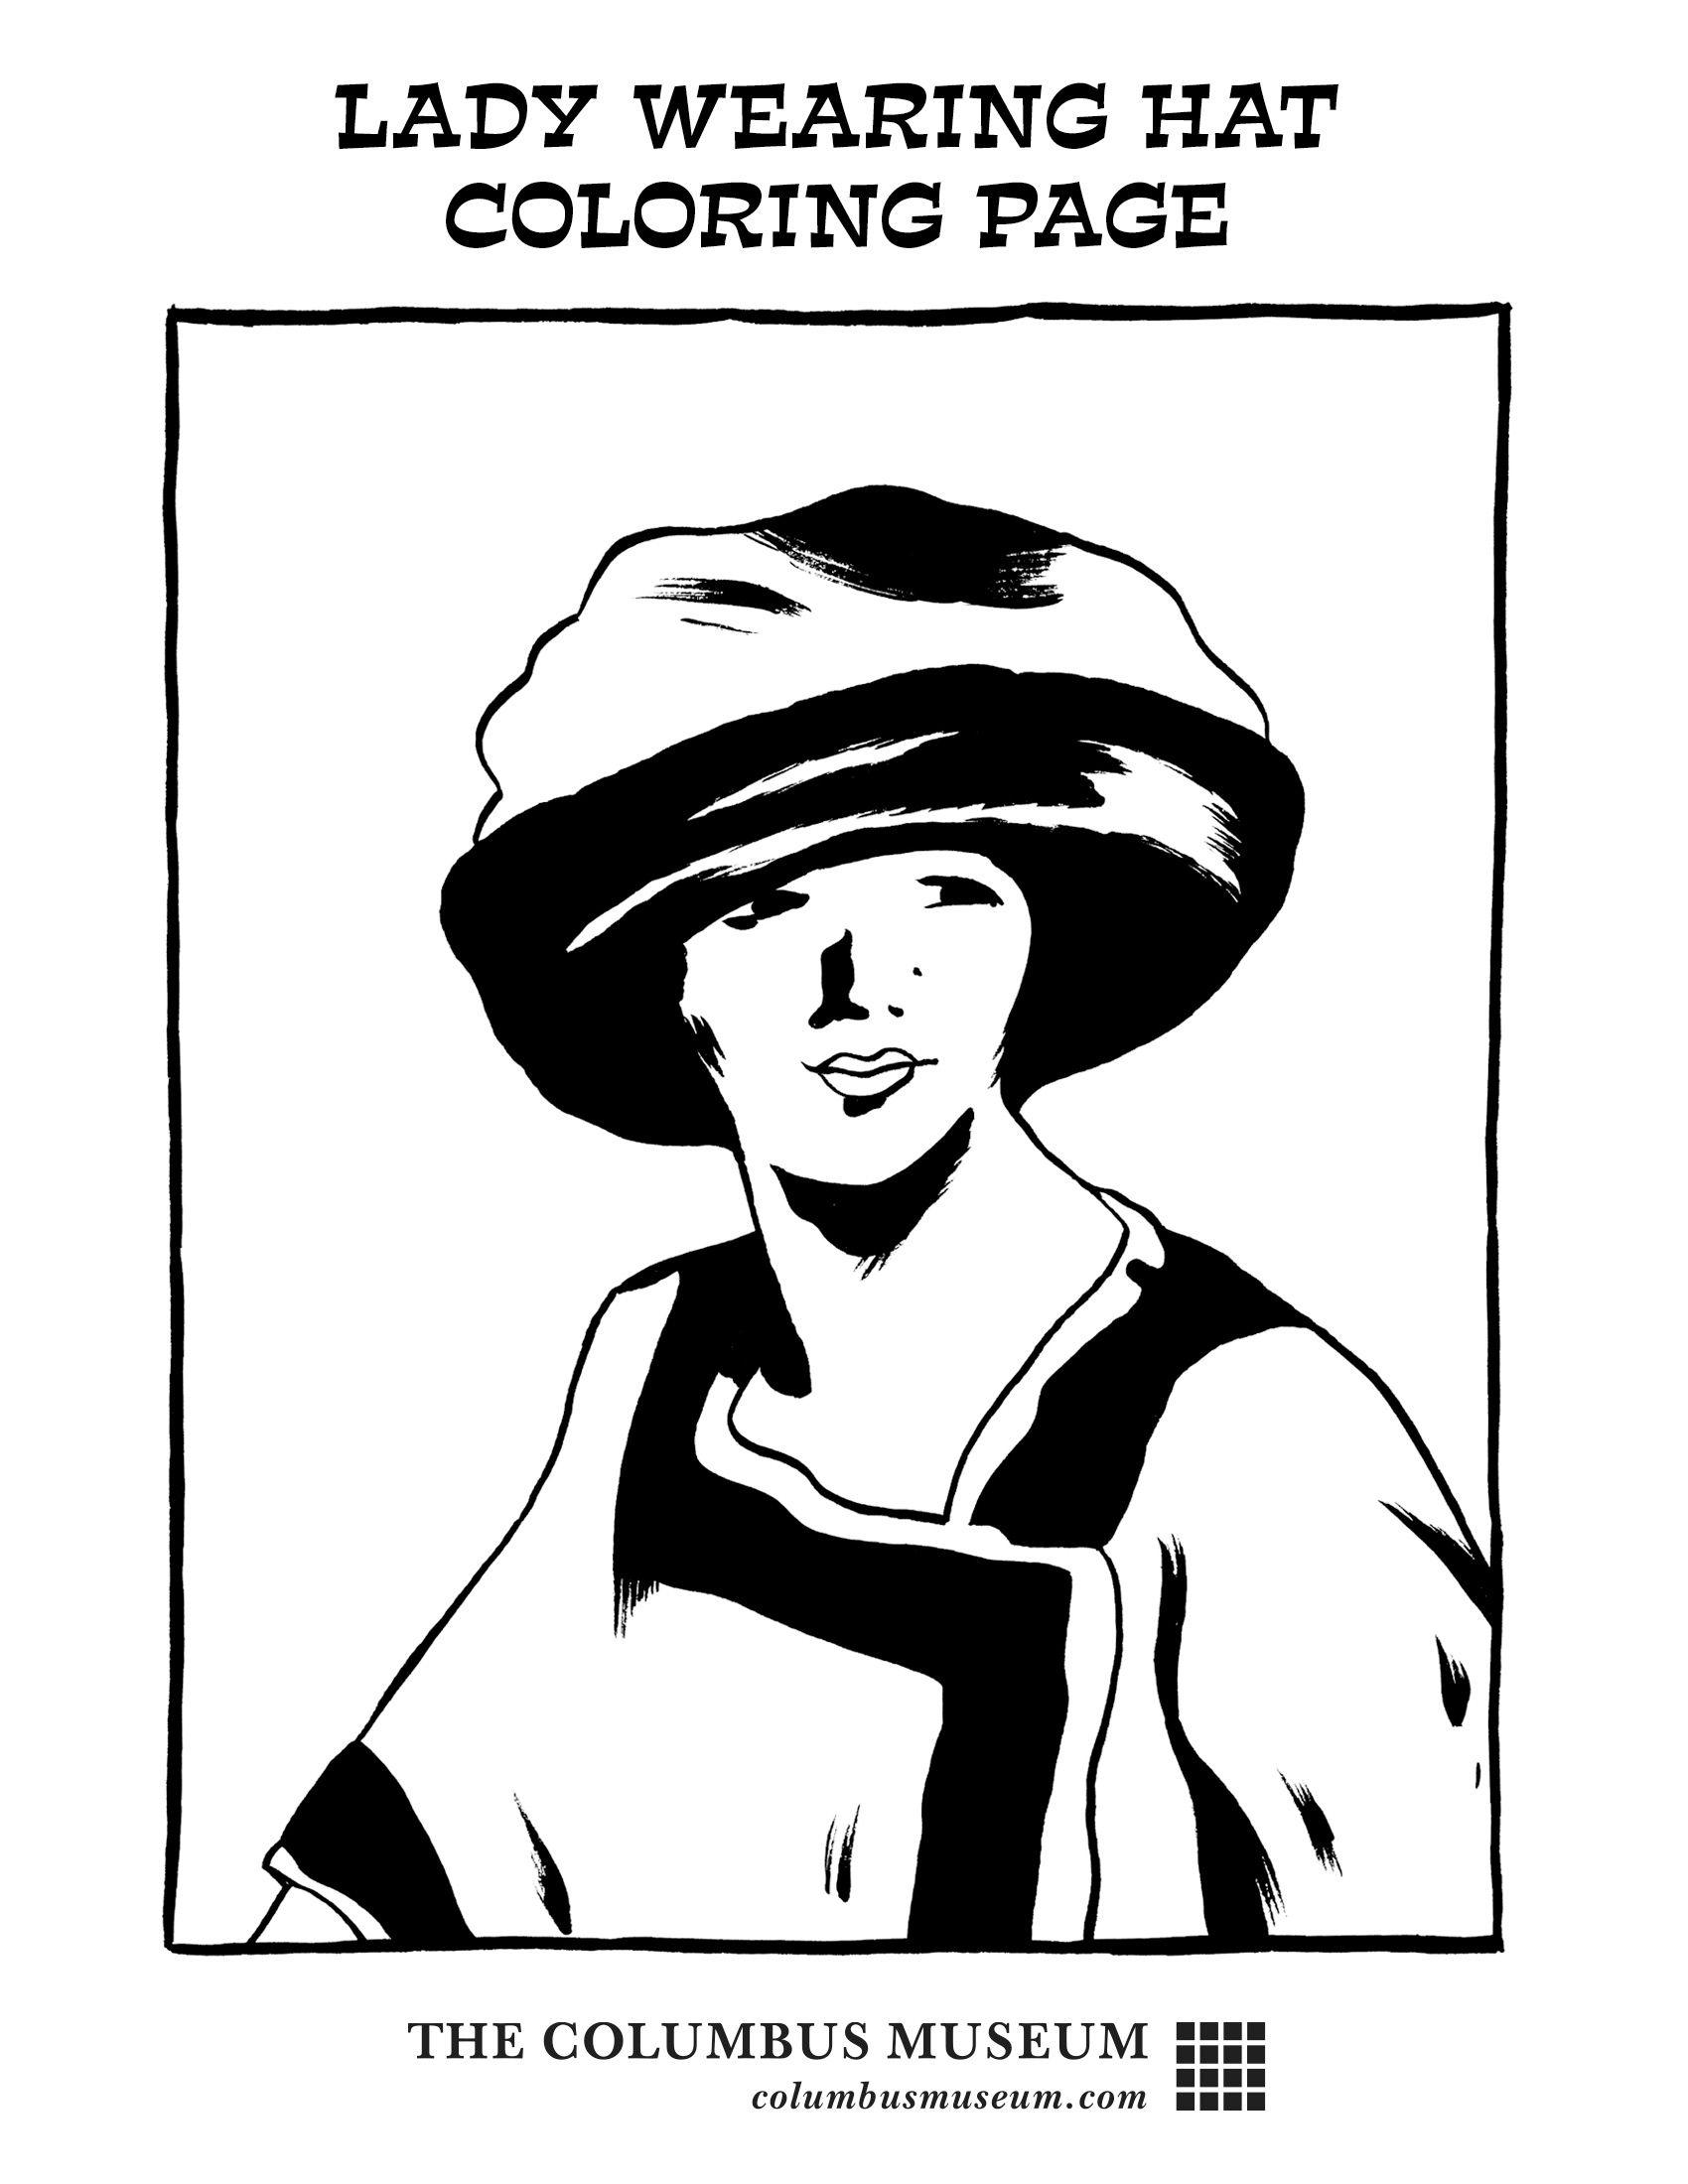 Lady Wearing a Hat